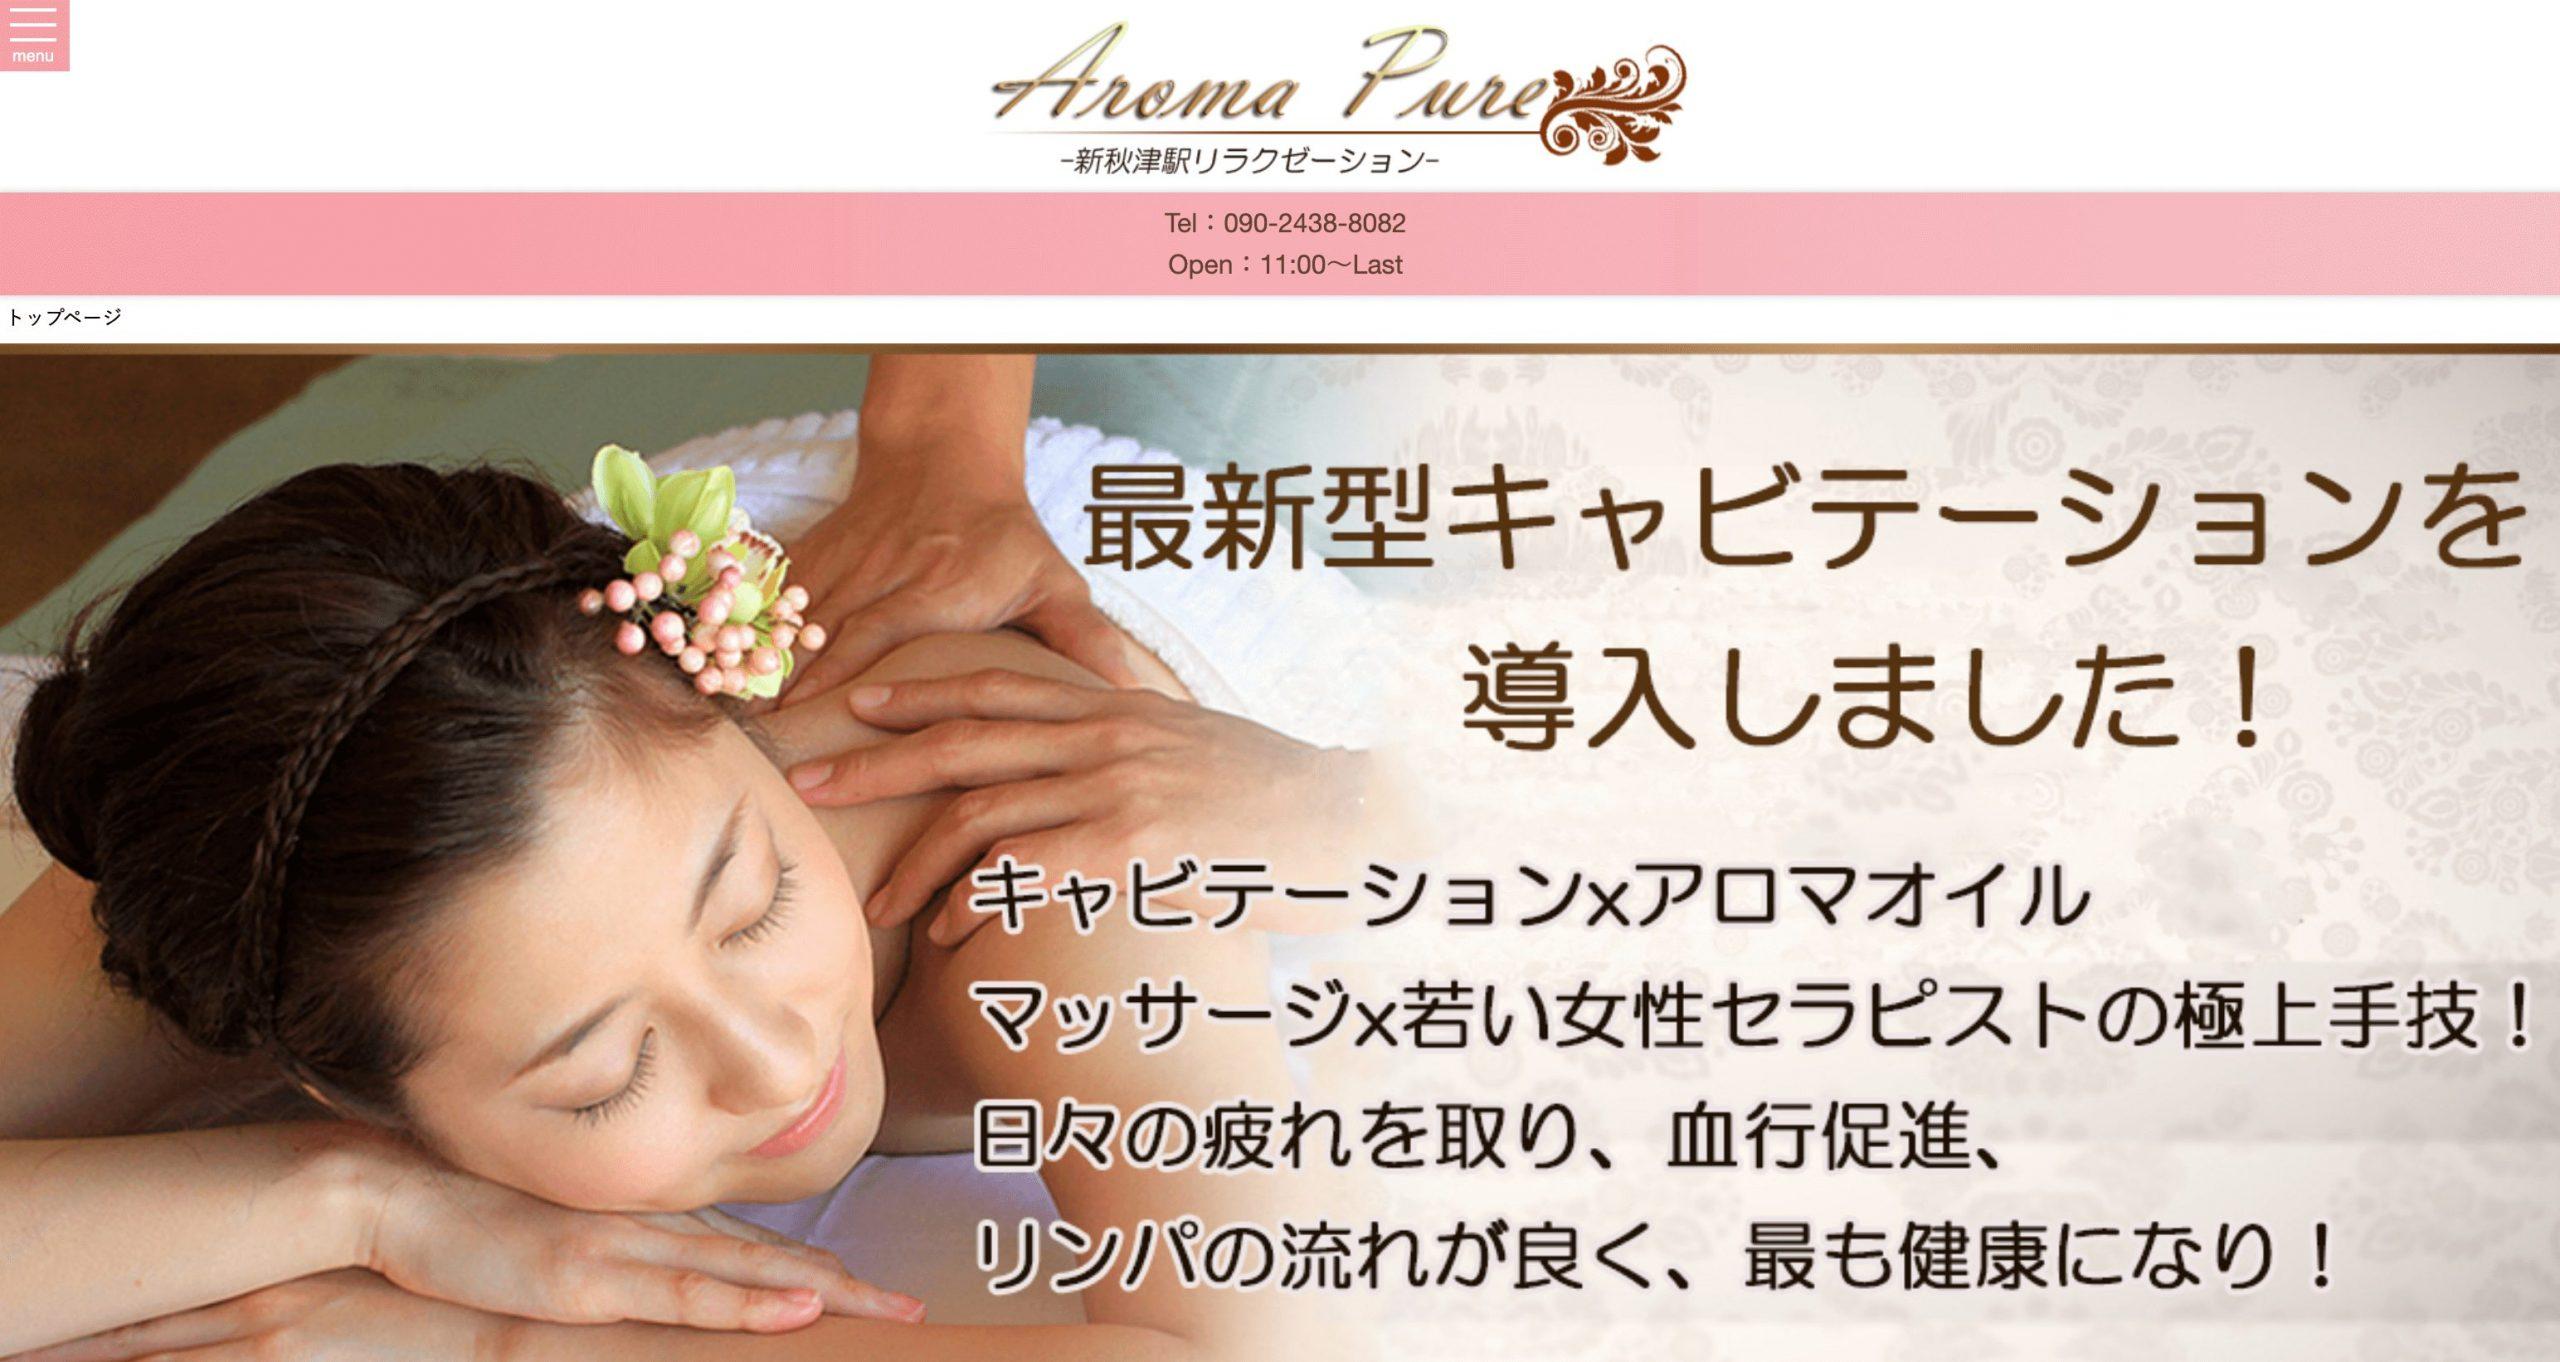 Aroma Pure(アロマピュア)